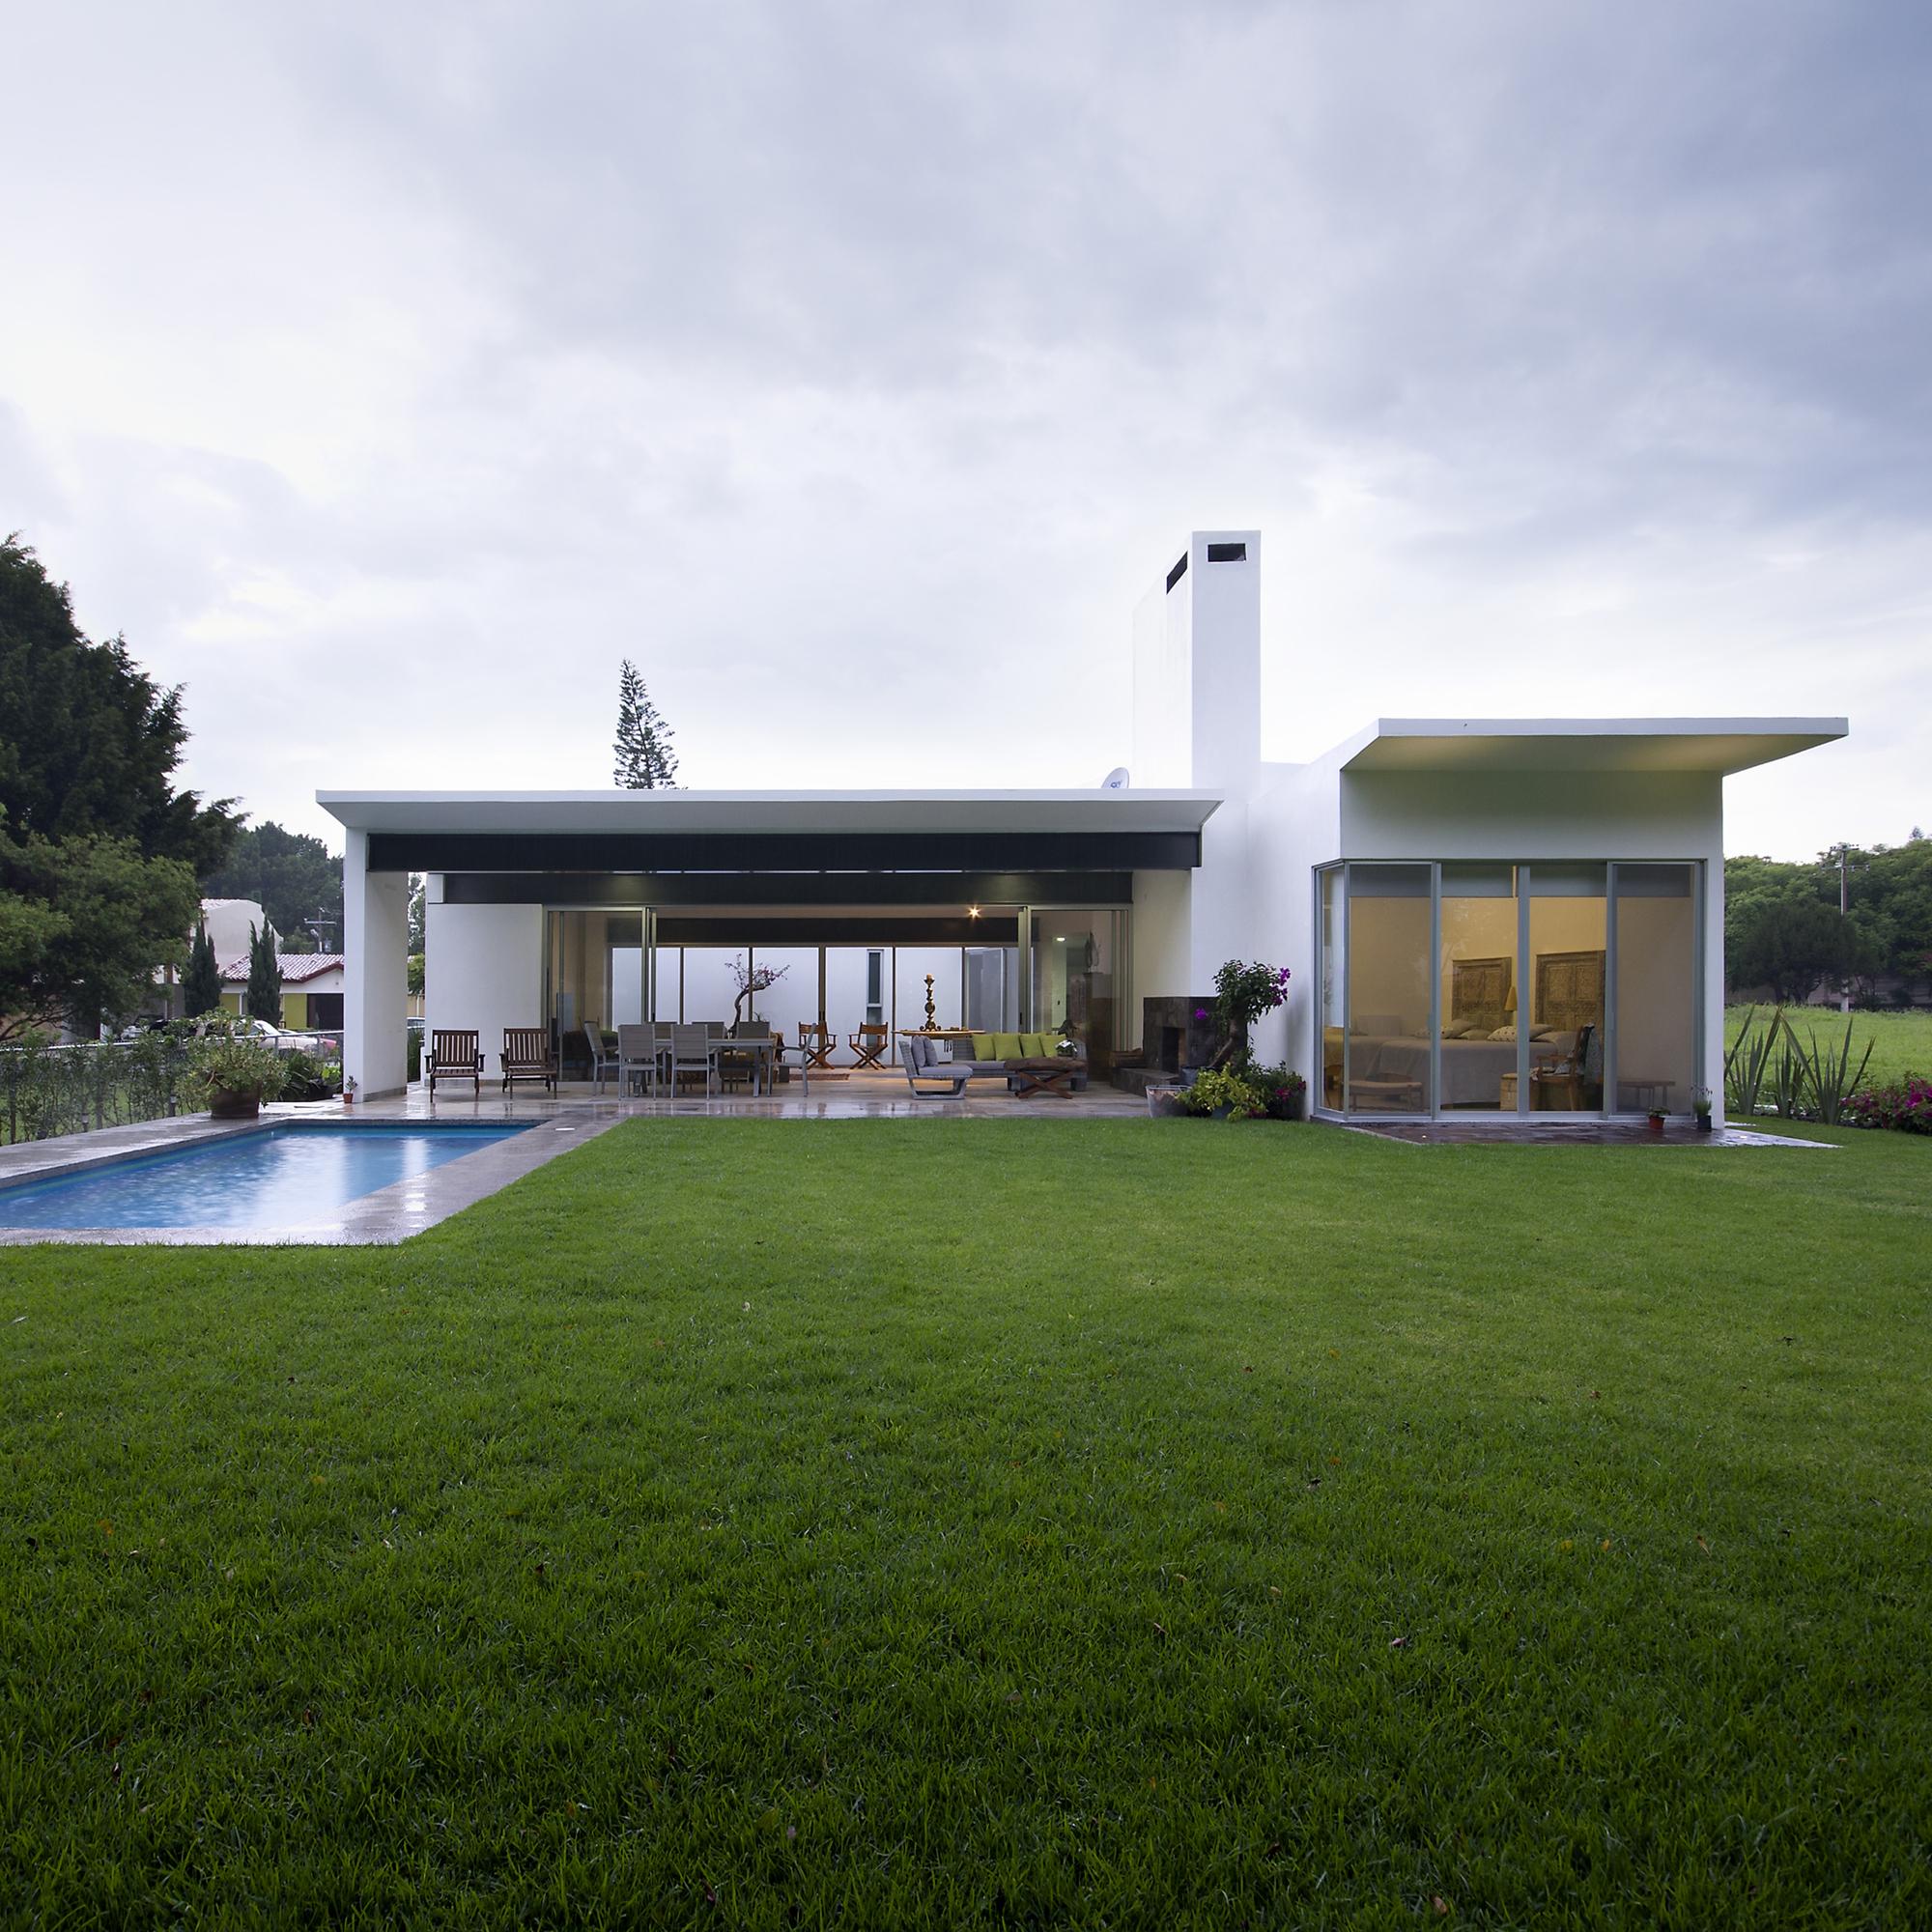 Casa SP11 / JAR jaspeado arquitectos, © Patrick López Jaimes